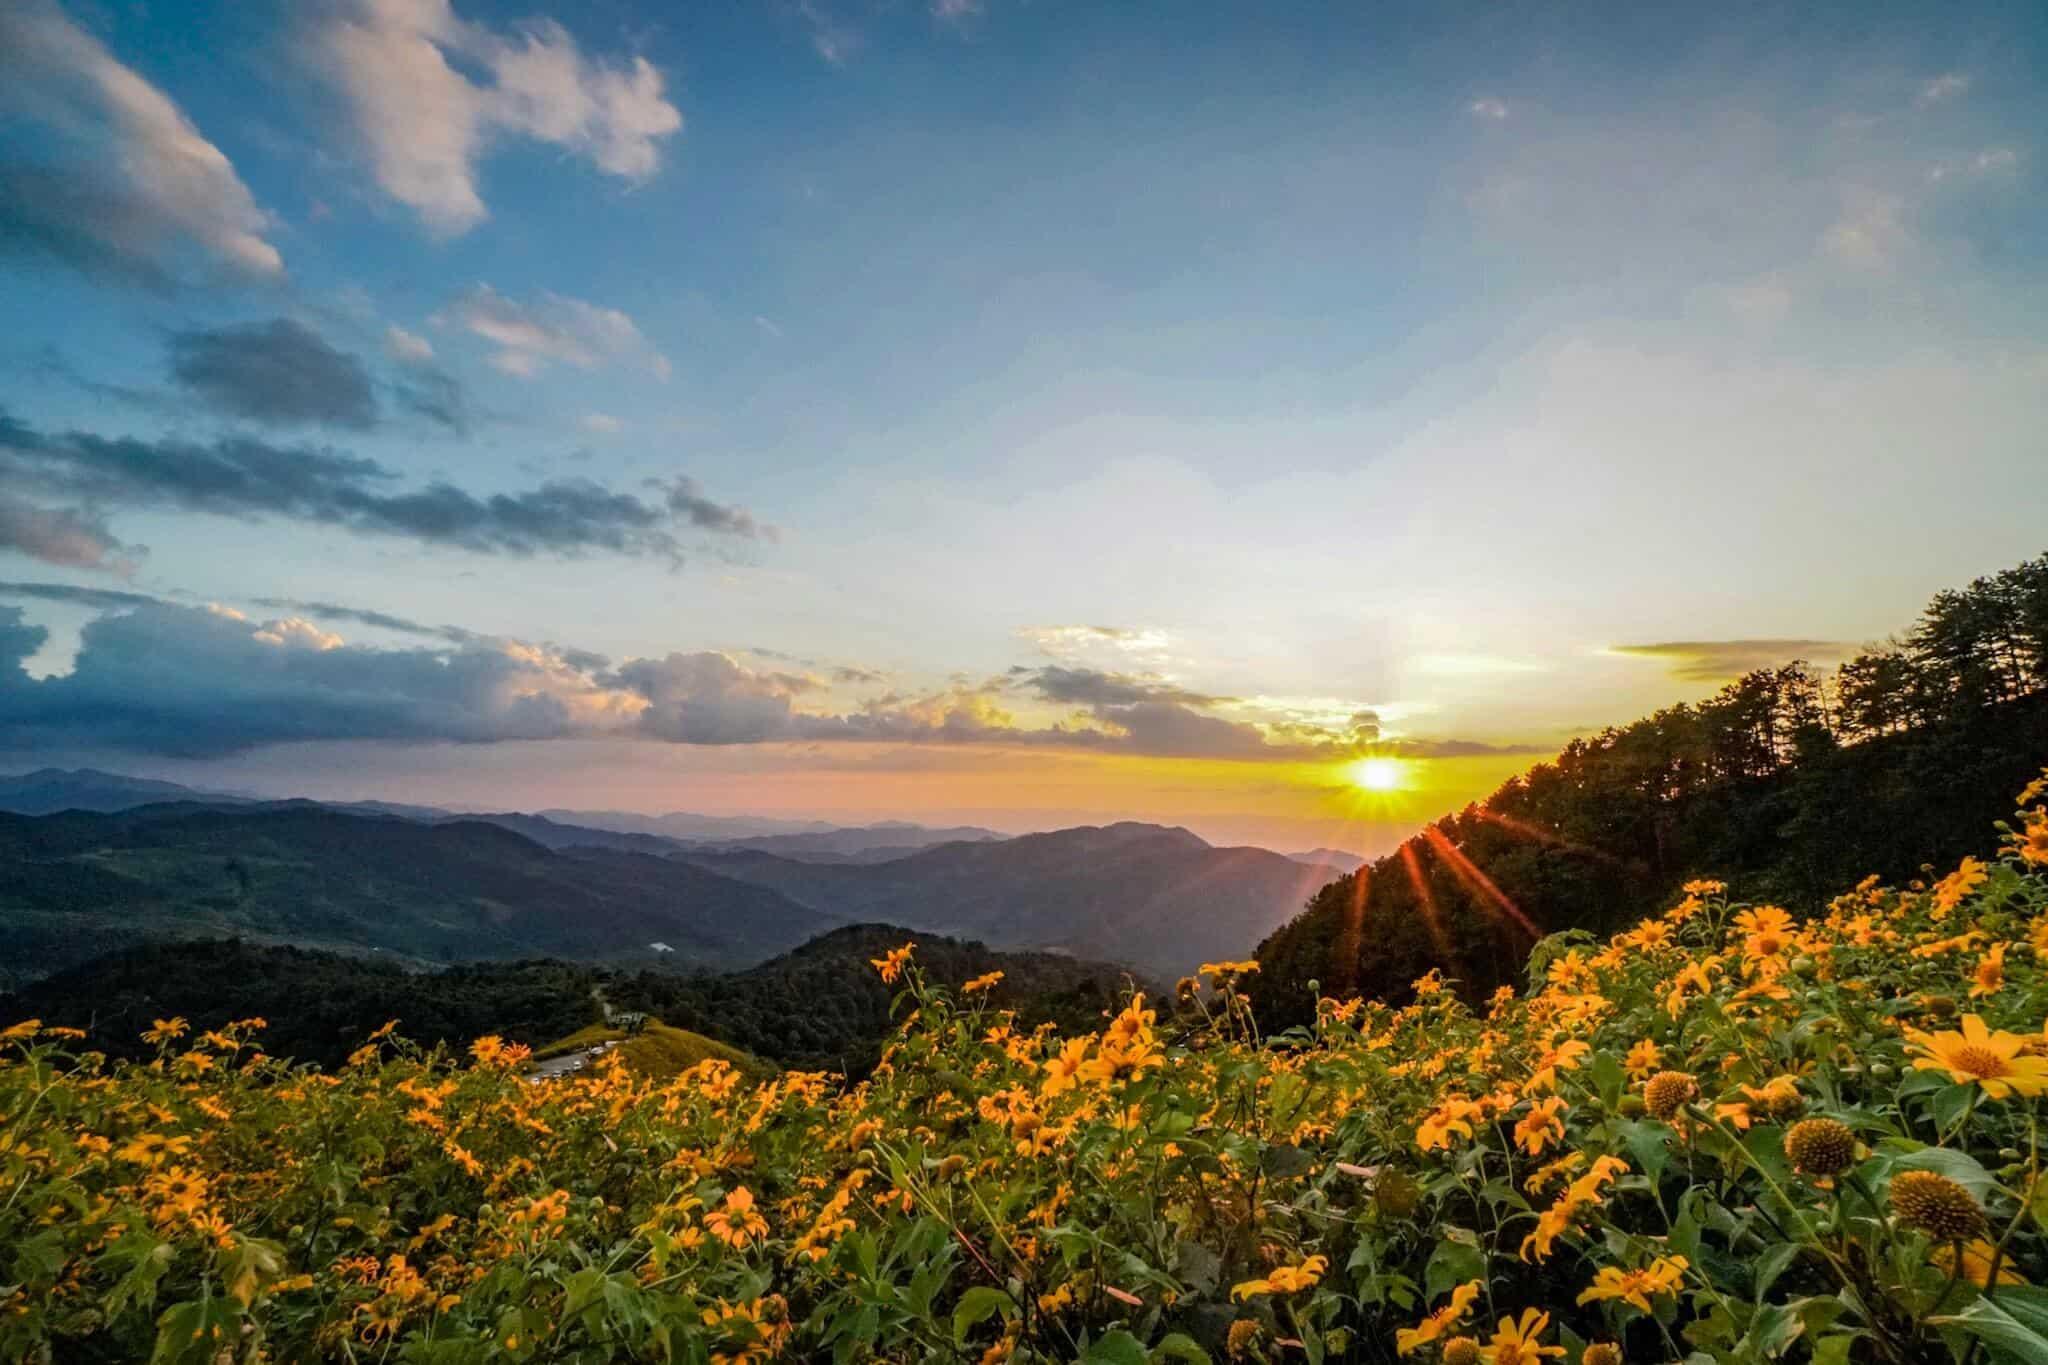 Sonnenblumen Mae Hong Son 2